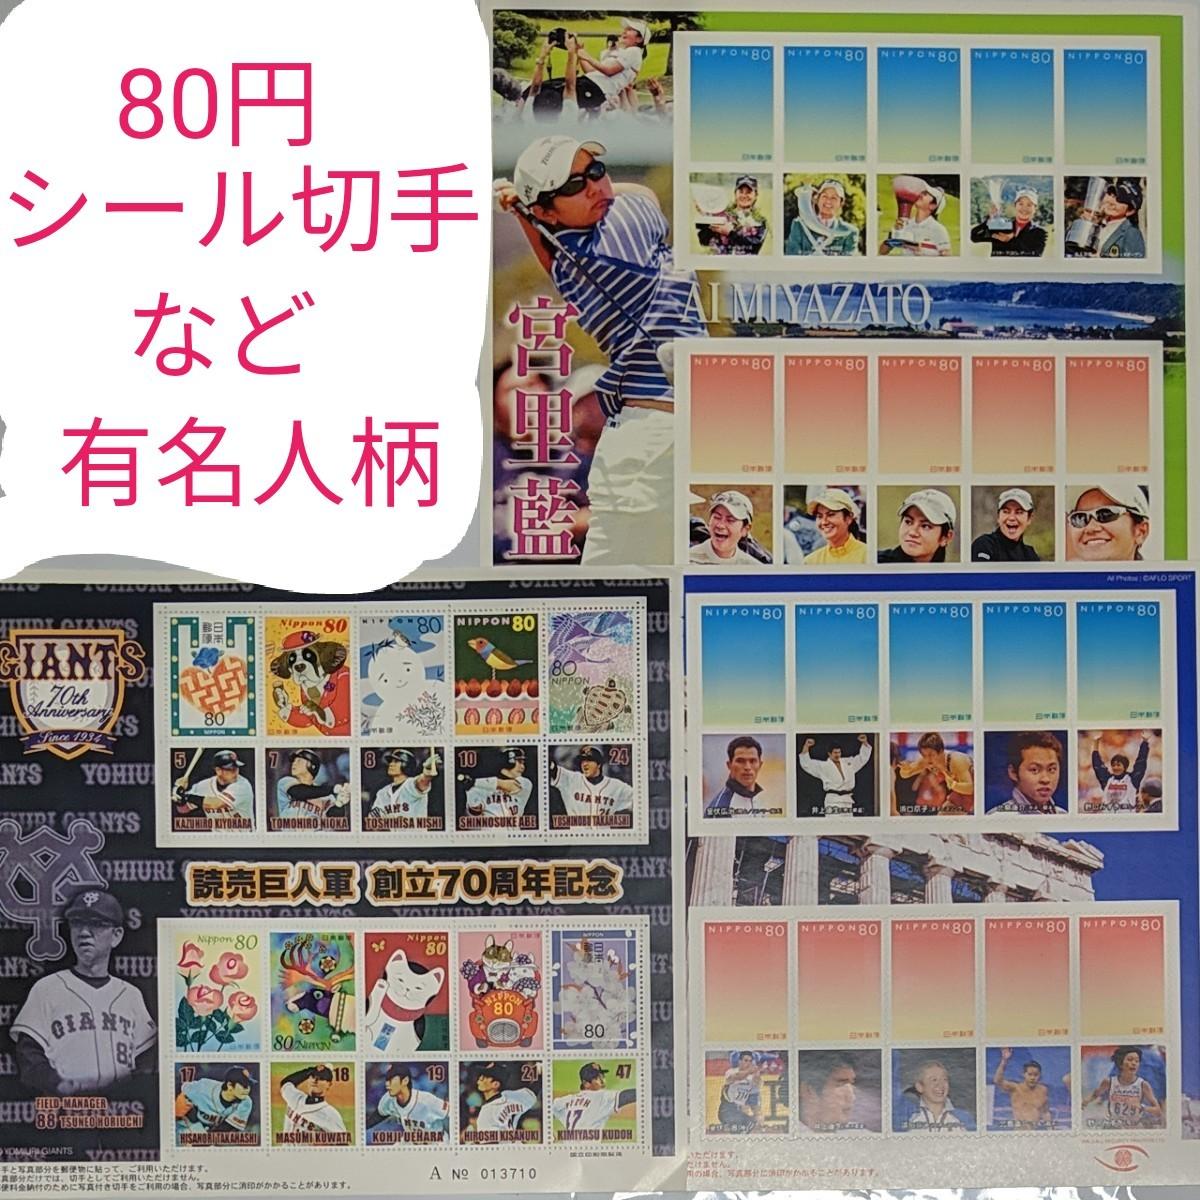 未使用 切手  額面2400円分 記念切手 80円切手 シート シール切手 シール  有名人